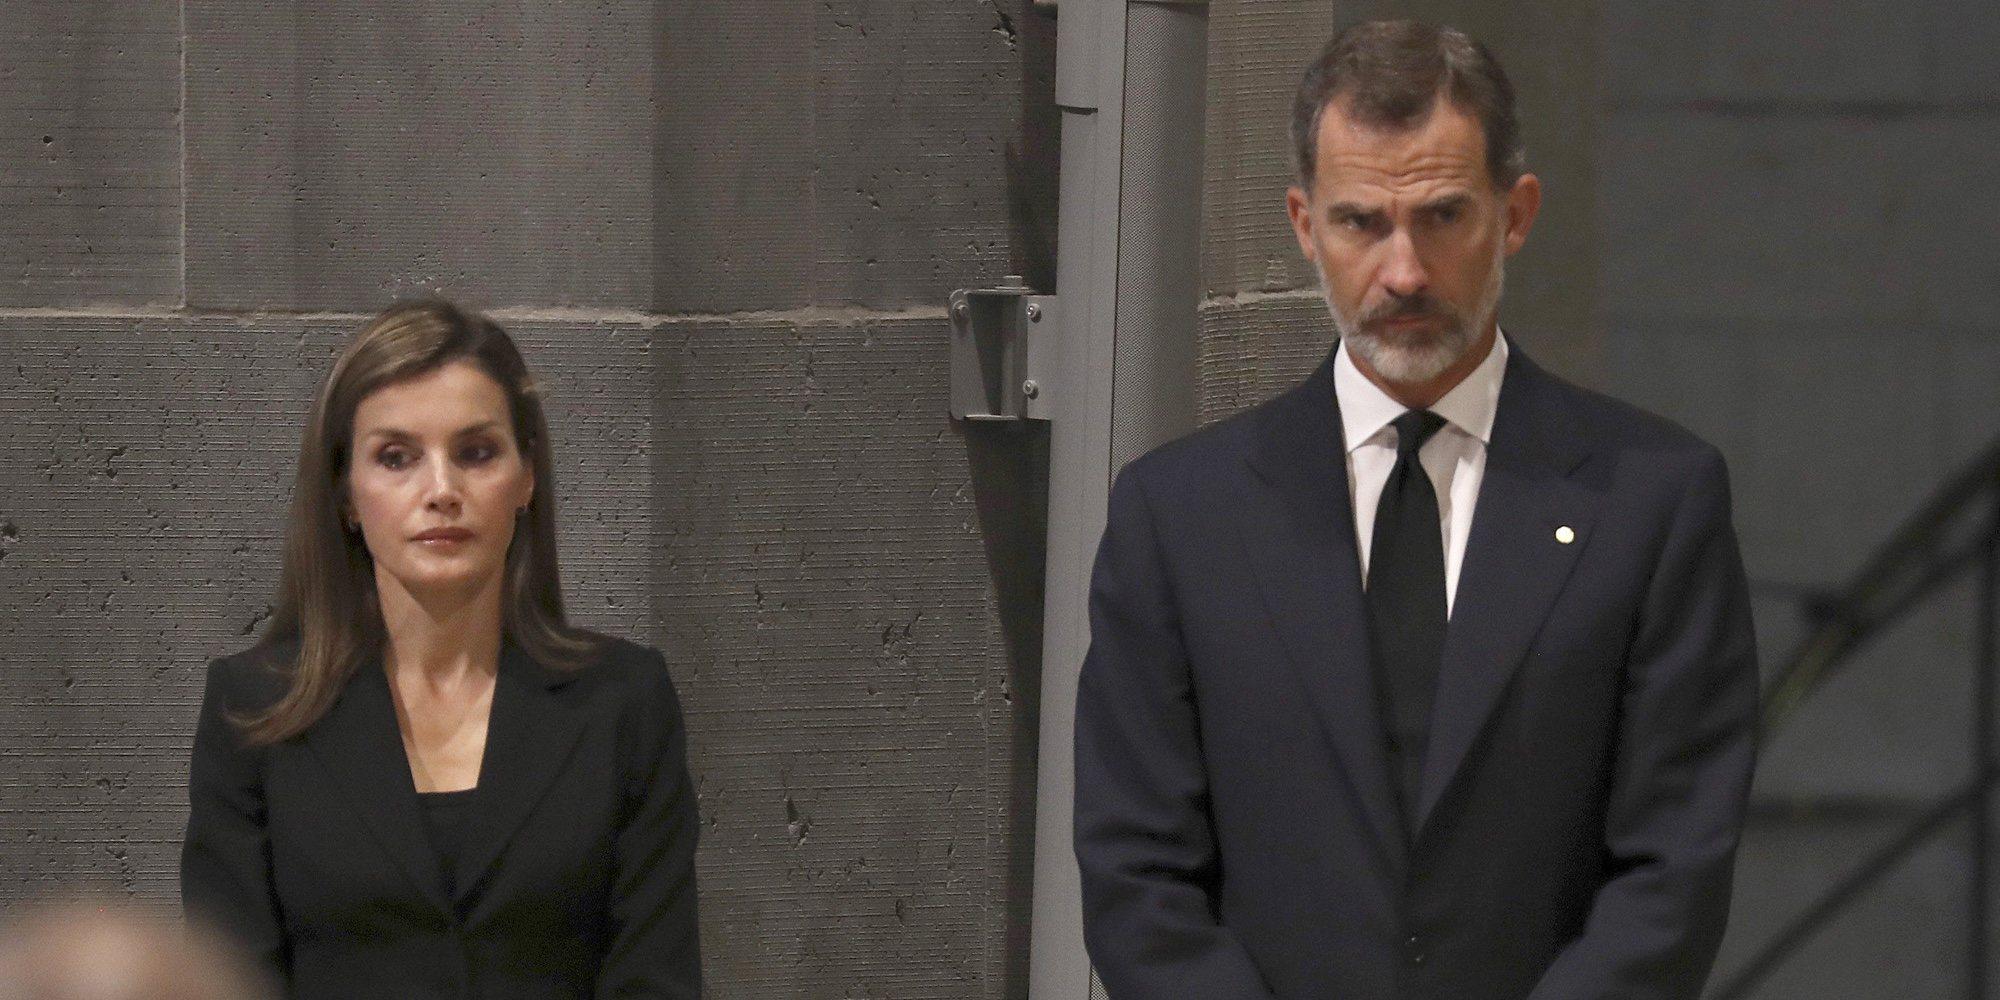 Las consecuencias de un posible divorcio de los Reyes Felipe y Letizia